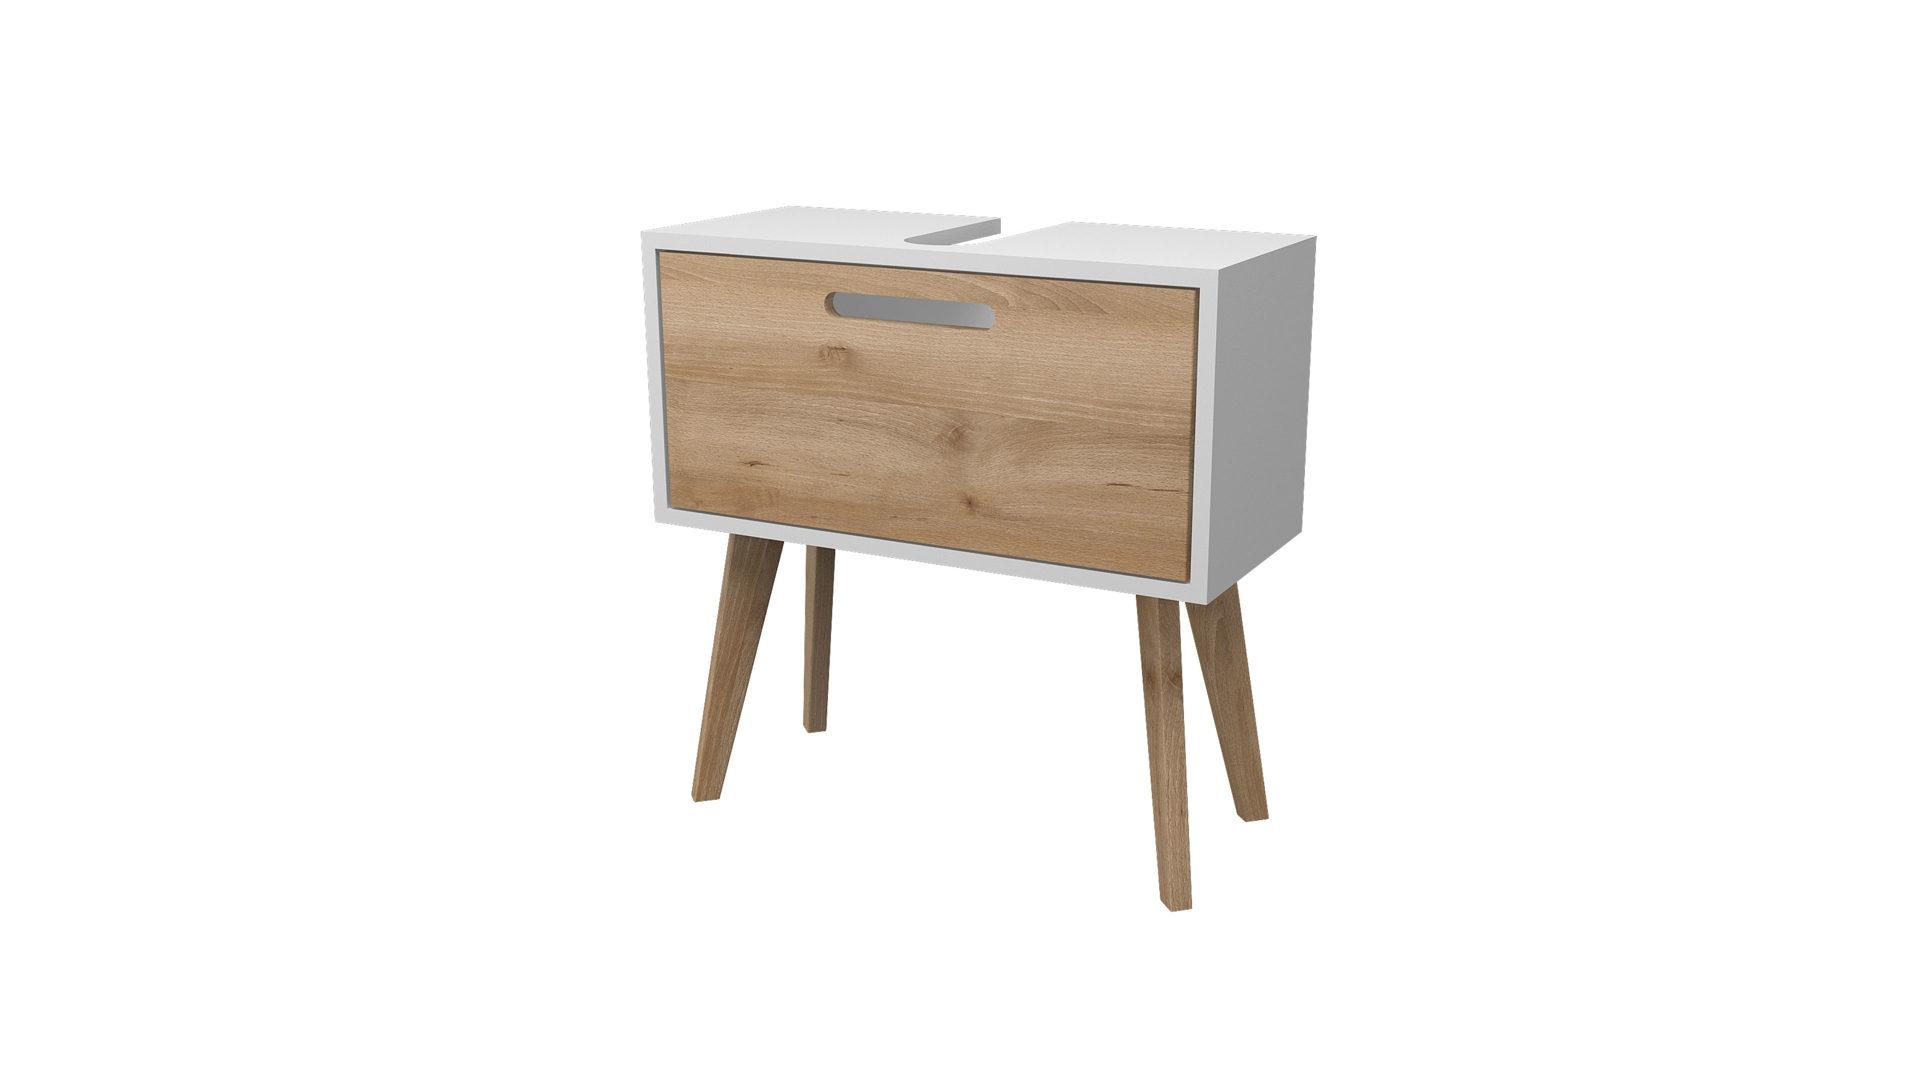 HELD Waschbeckenunterschrank Malmö, buchefarbene & weiße  Kunststoffoberflächen – ein Auszug, Breite ca. 60 cm